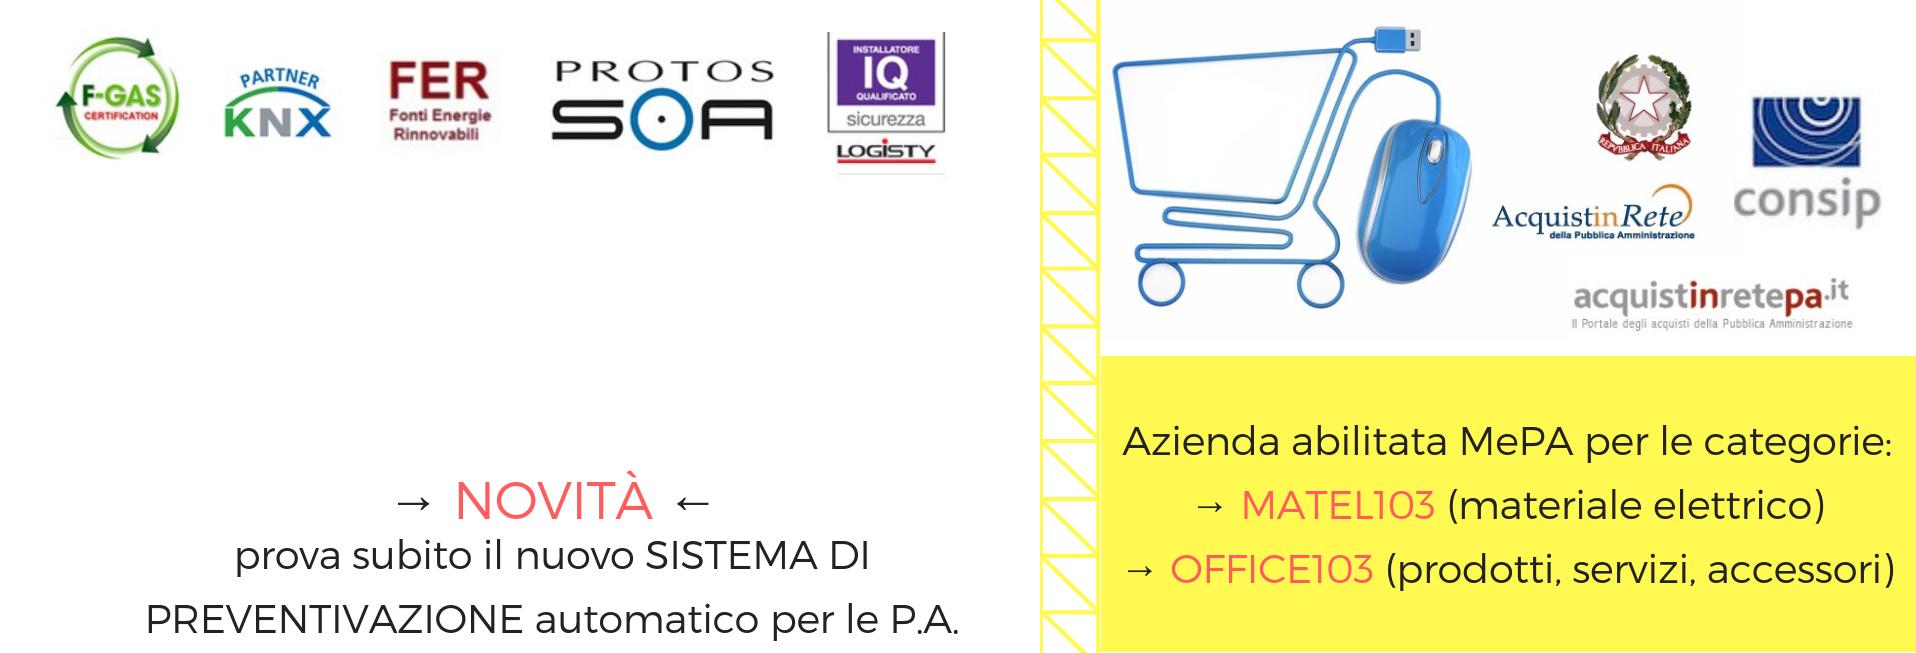 Partner certificati Pubblica Amministrazione